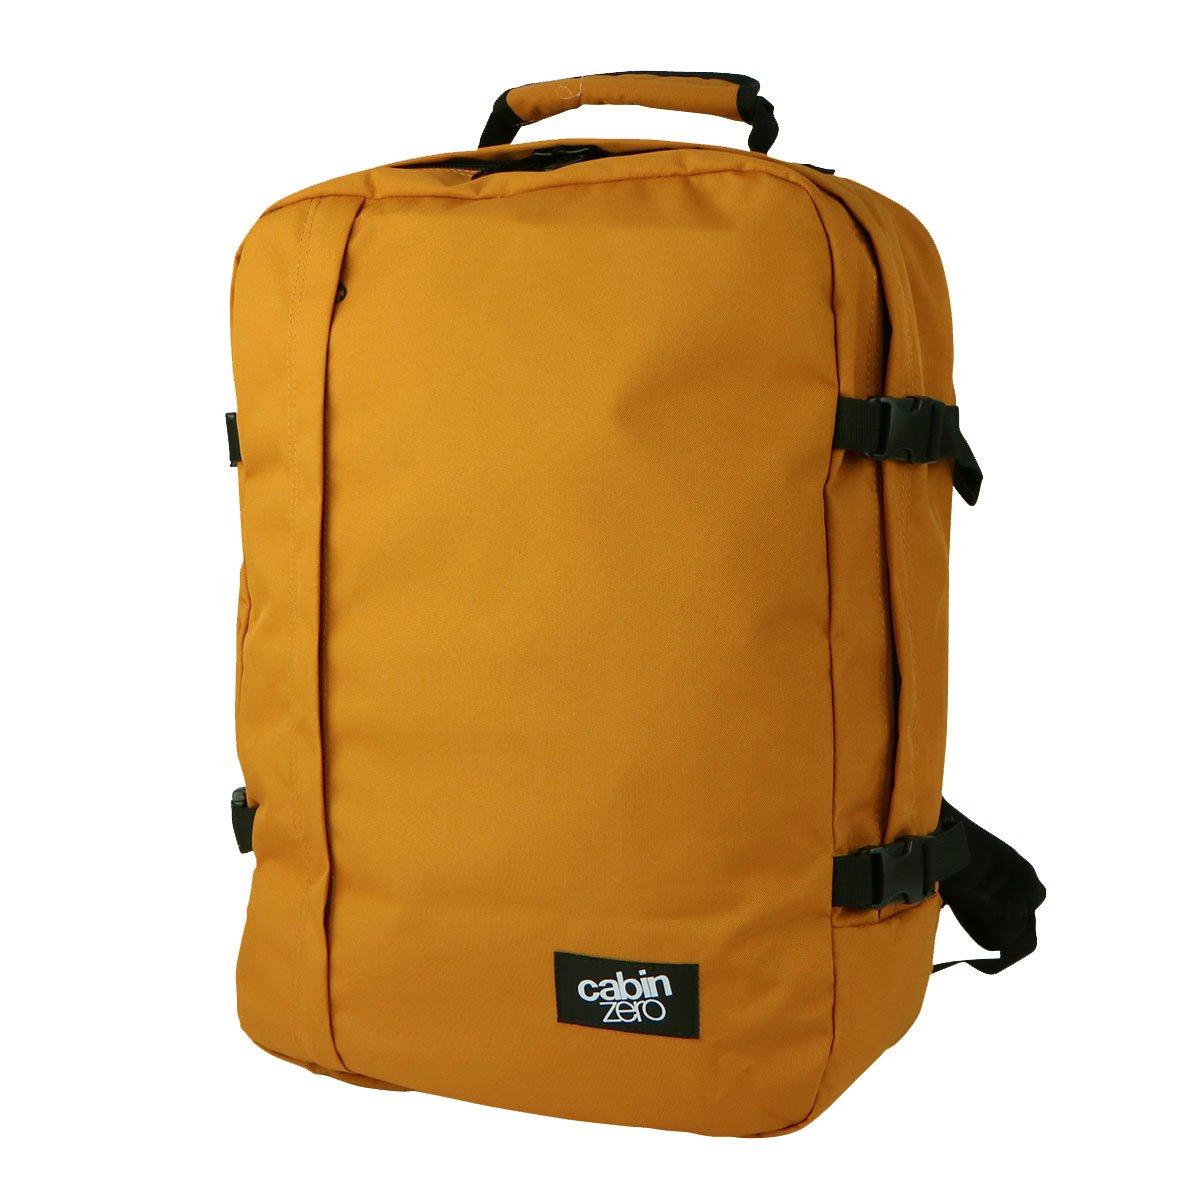 [キャビンゼロ]CABIN ZERO バックパック CLASSIC 44L B01ISXHE4A OrangeChill(CZ061309) OrangeChill(CZ061309)